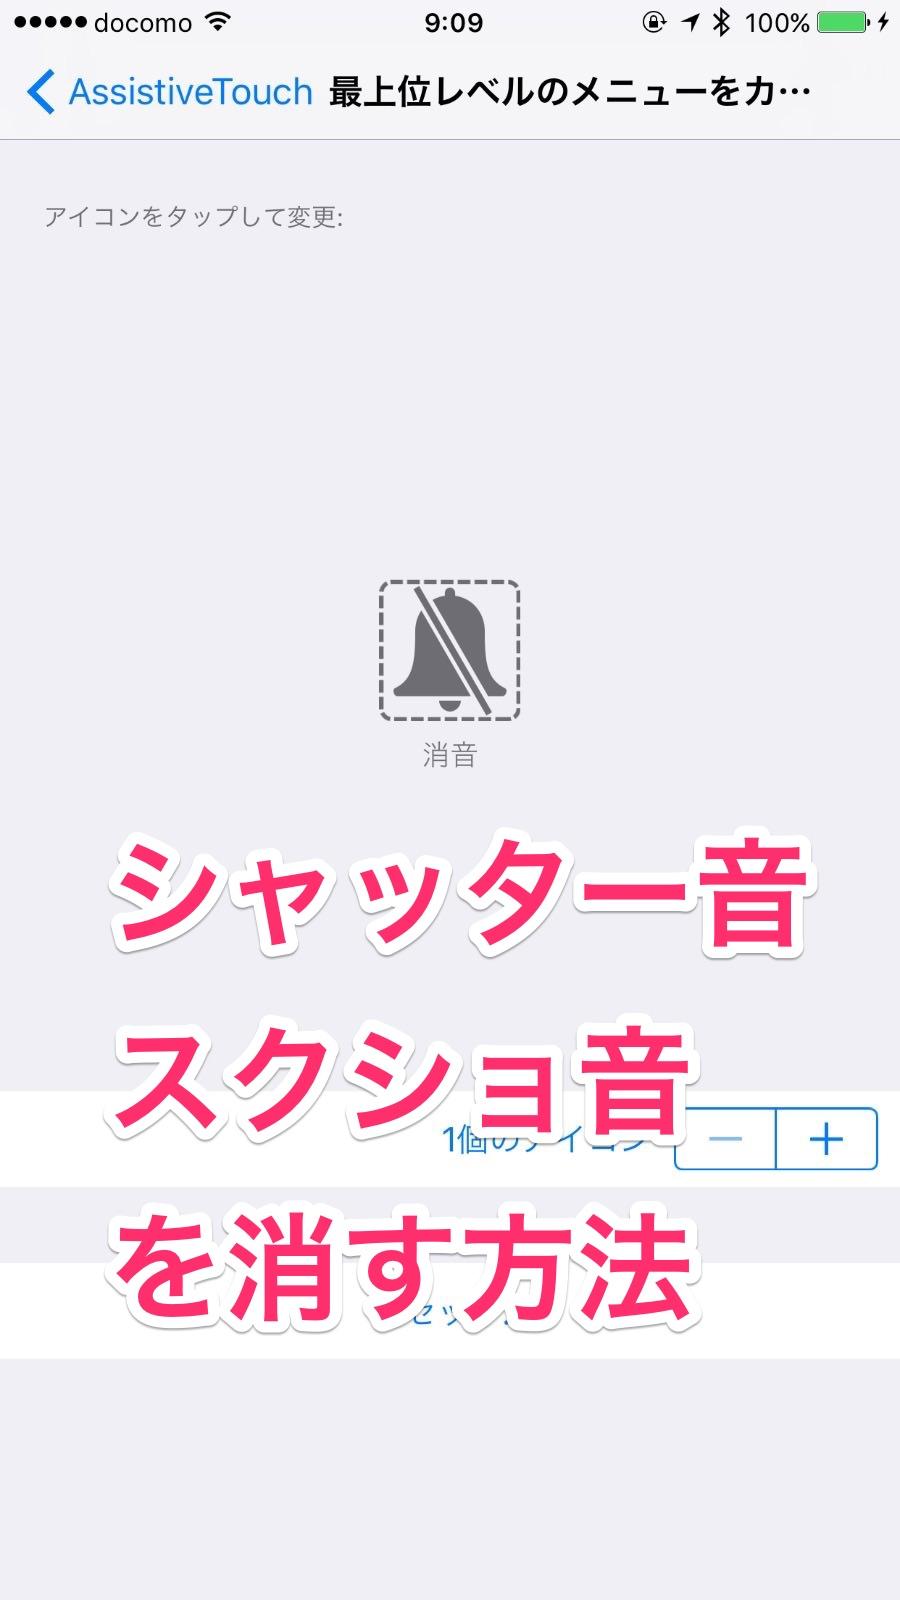 【iOS 10】iPhoneのシャッター音&スクショ音を消す方法